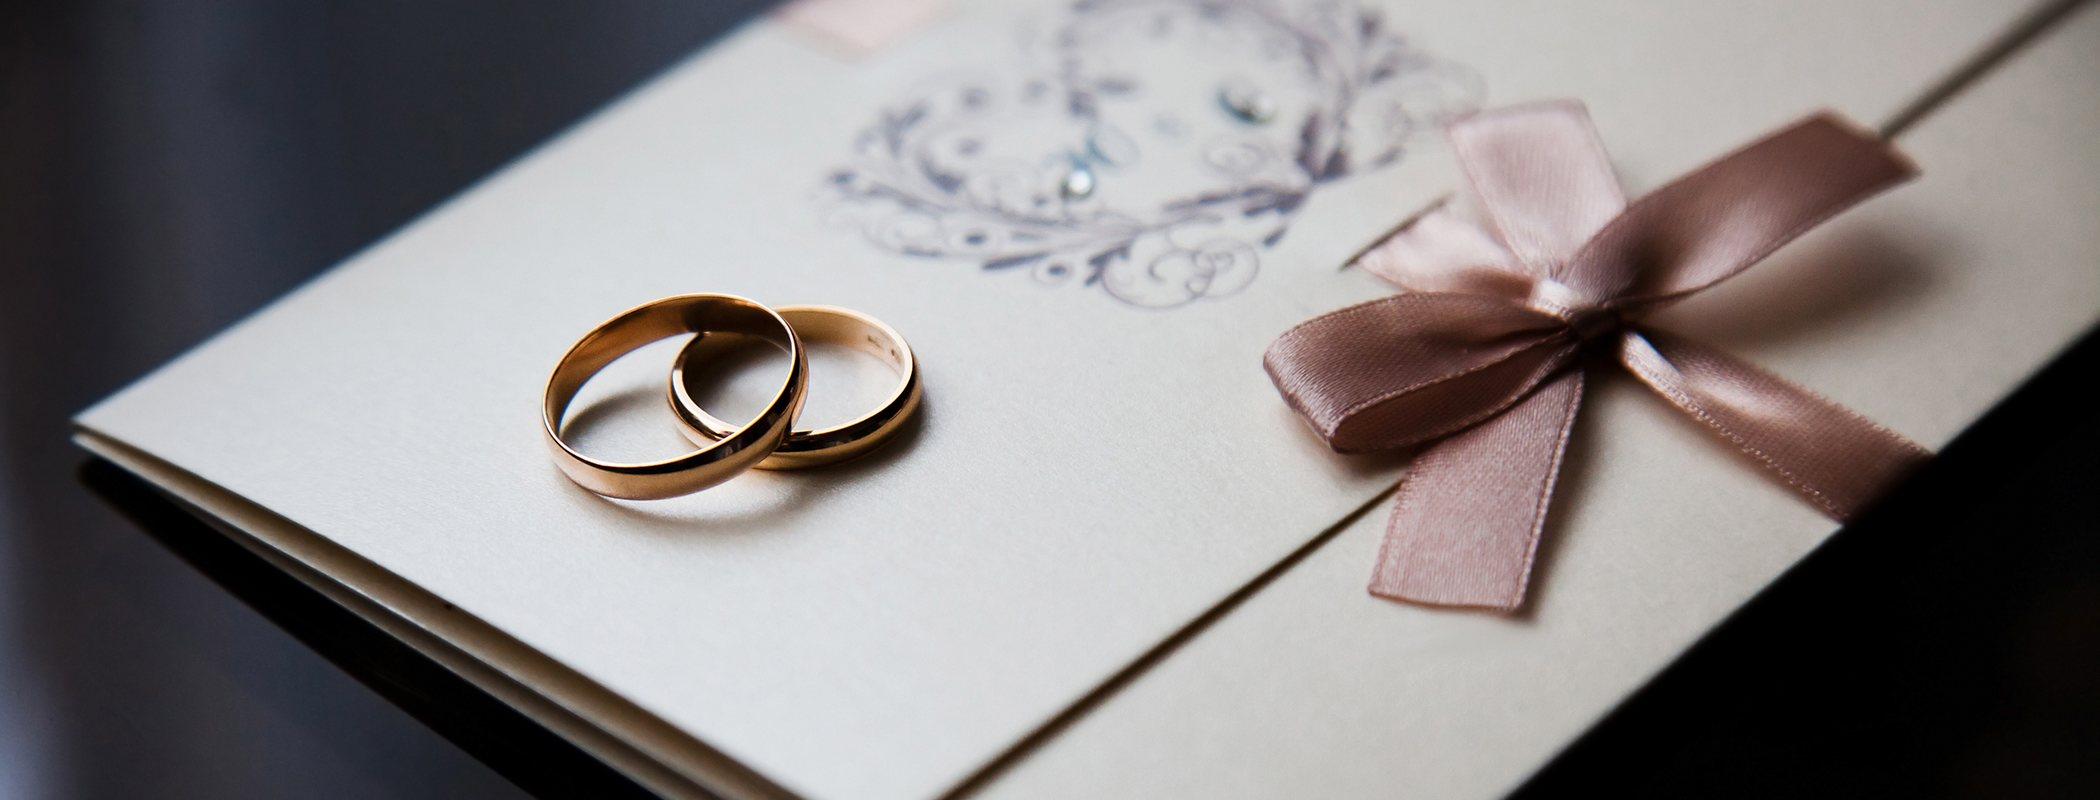 Cartas de amor para pedir matrimonio a tu pareja